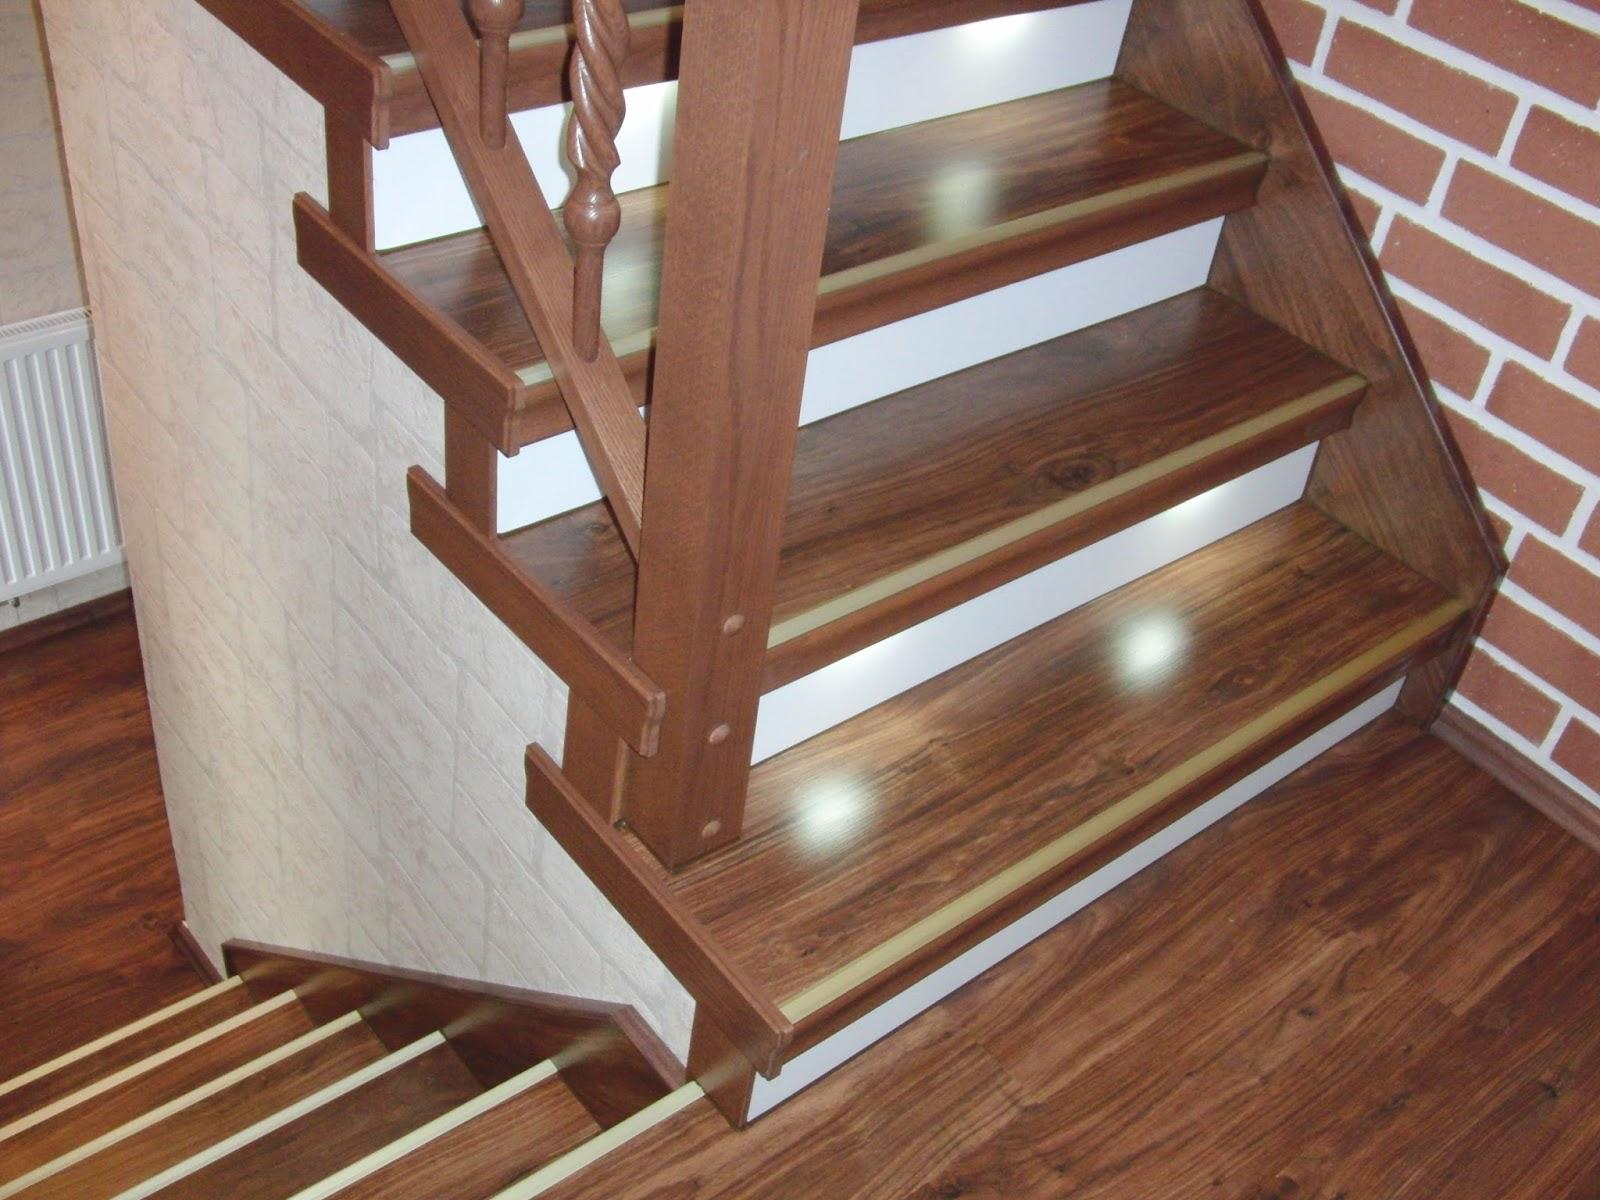 H K Treppenrenovierung Treppenwangen Auf Der Innenseite So Werden